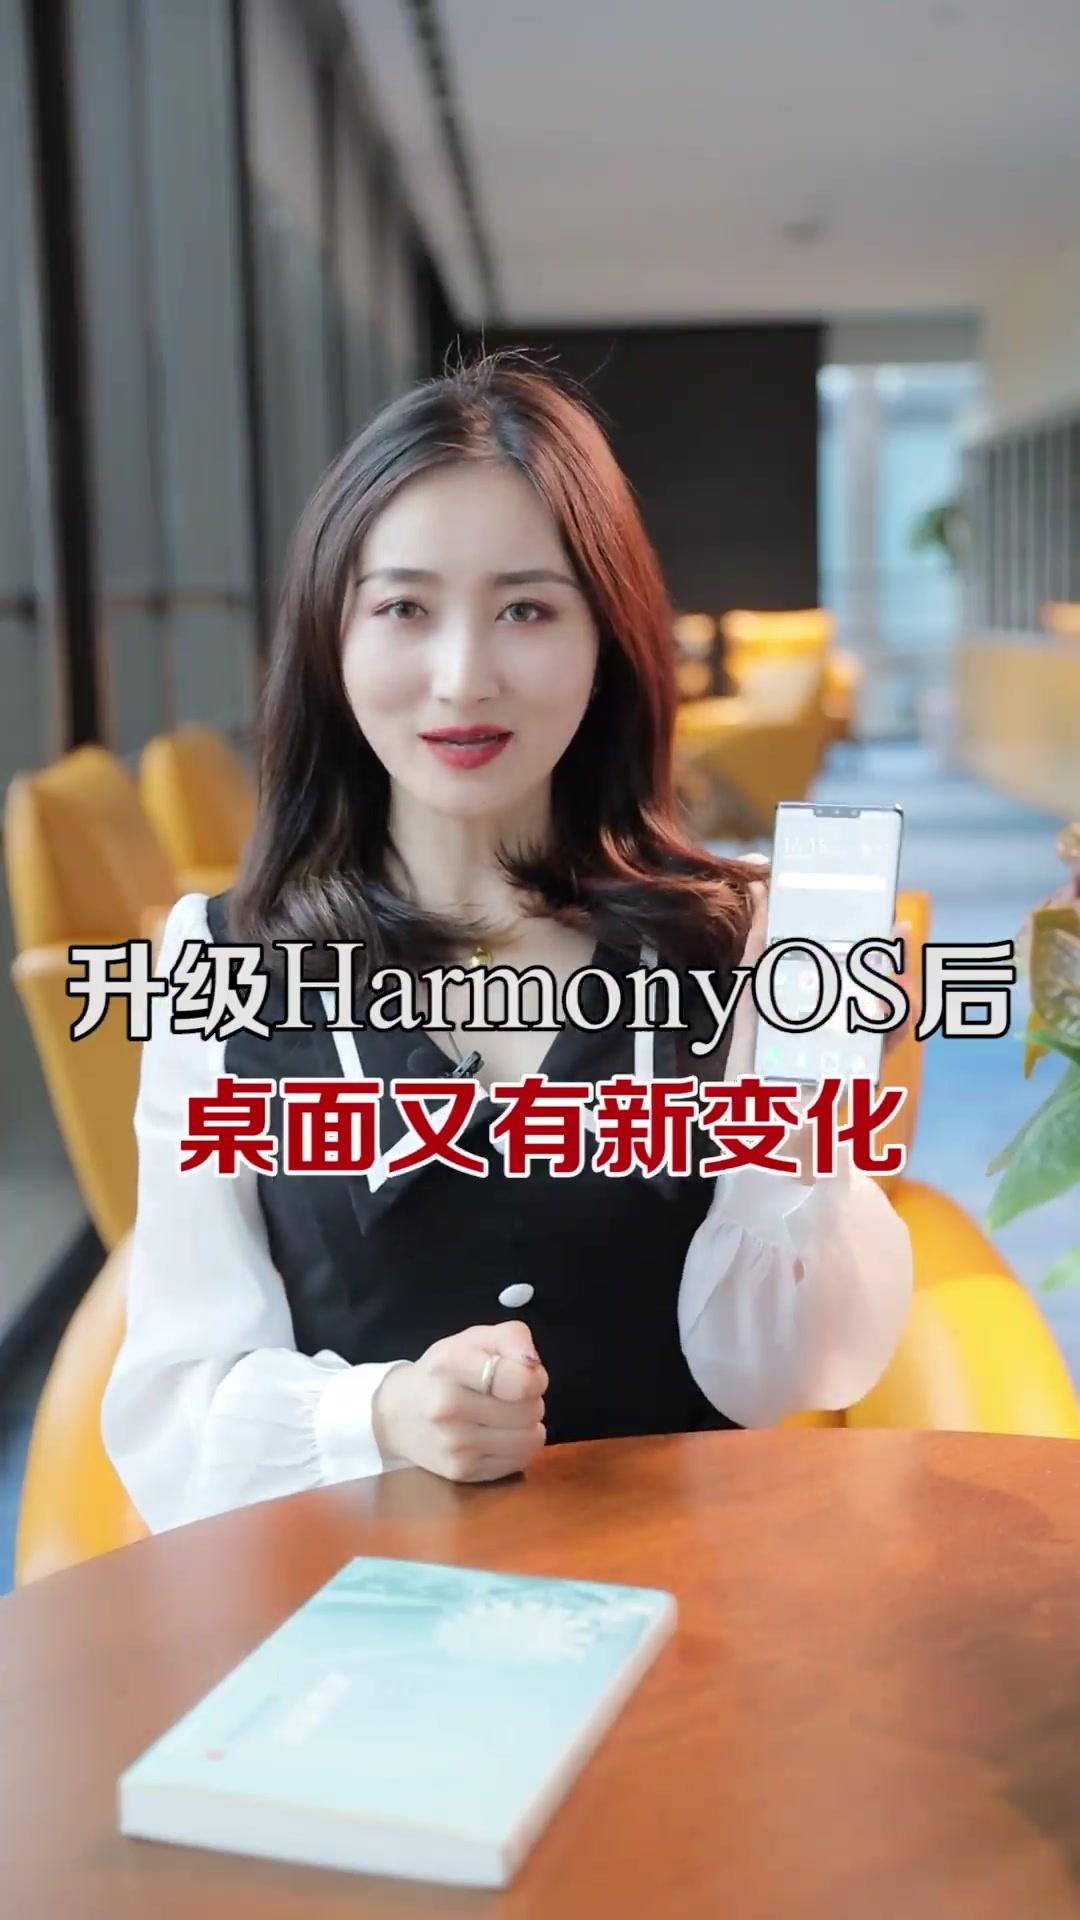 评测 | HarmonyOS升级到最新版,桌面图标又有新变化了!,HarmonyOS 2-花粉俱乐部